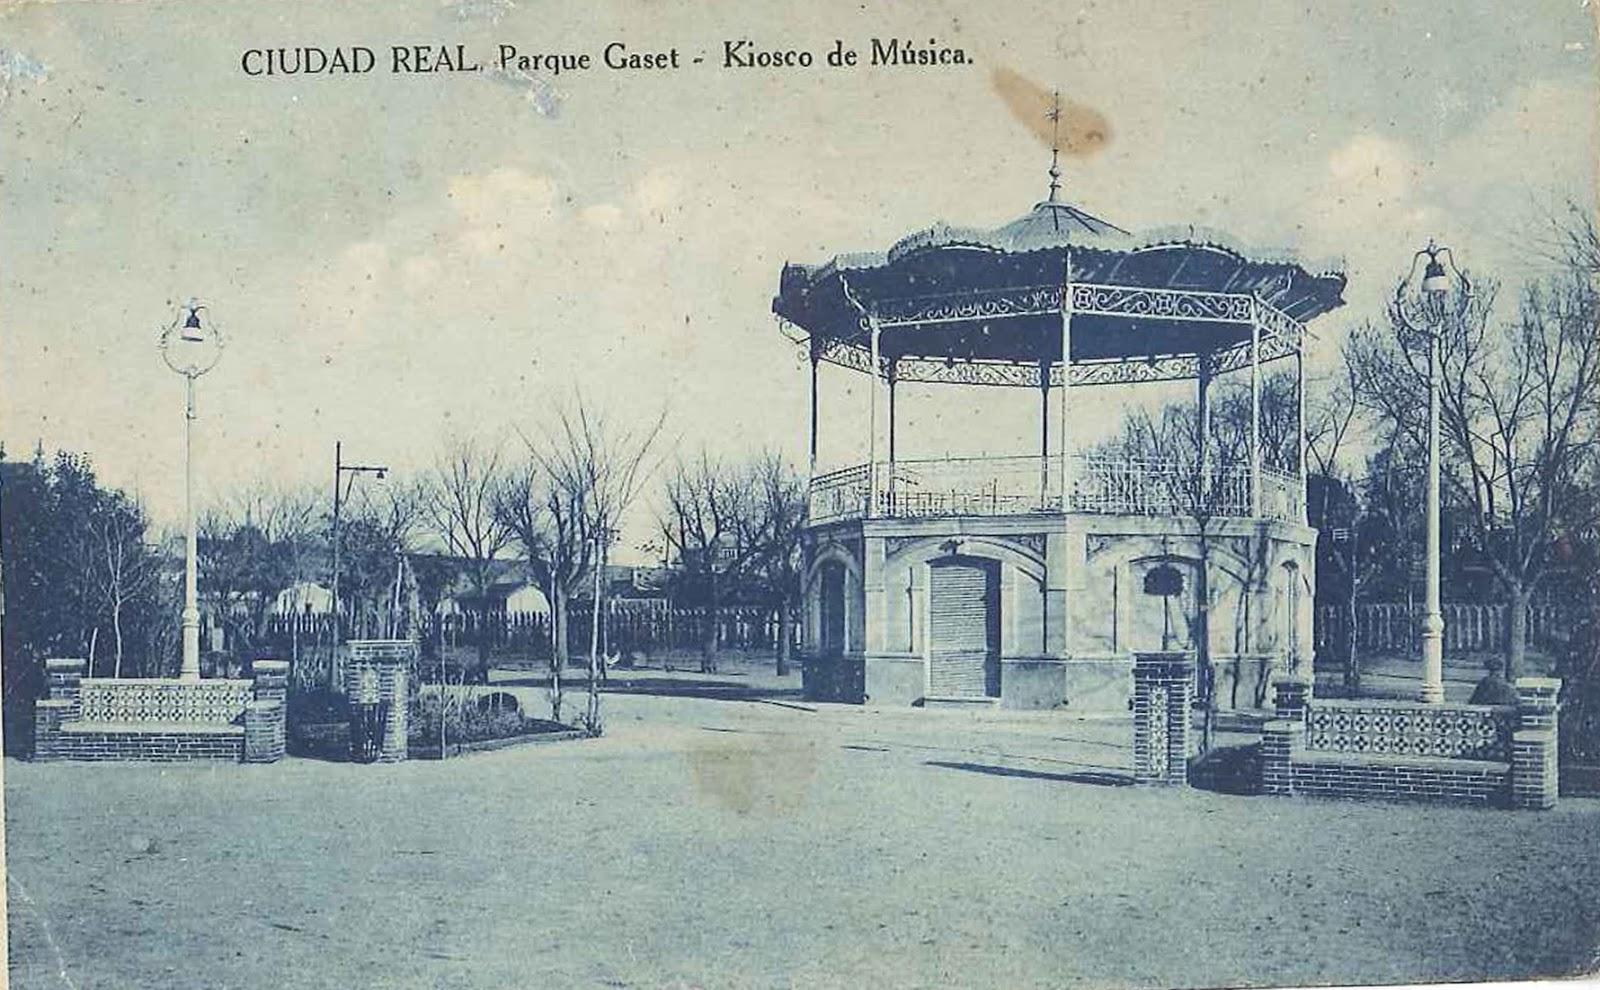 El sayon historia del parque de gasset de ciudad real for Jardin de la cerveza 2015 14 de agosto